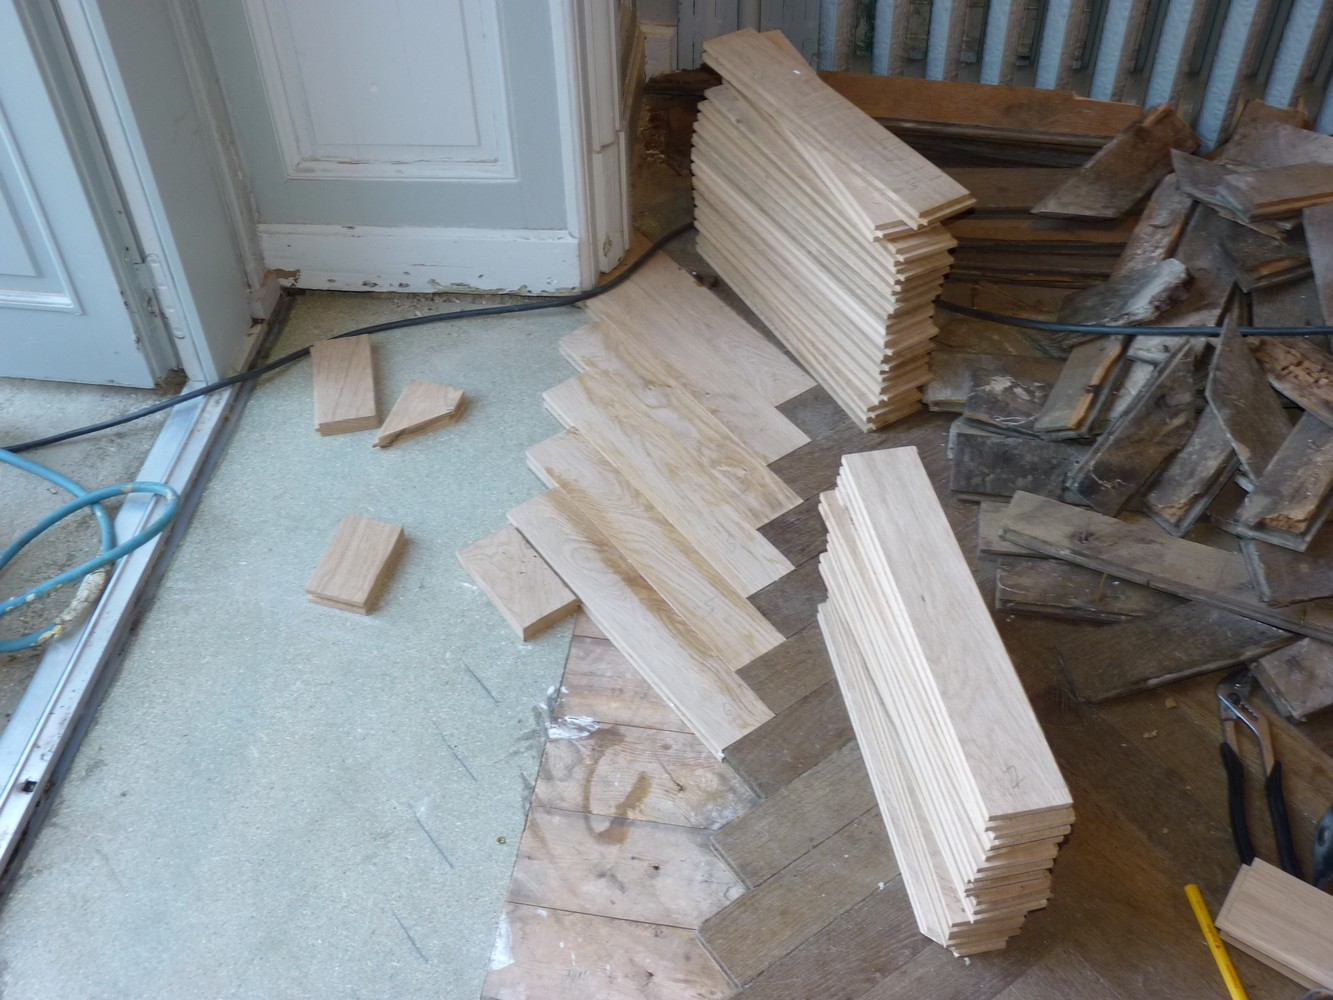 refabrication de parquet ch ne r novation de plancher. Black Bedroom Furniture Sets. Home Design Ideas